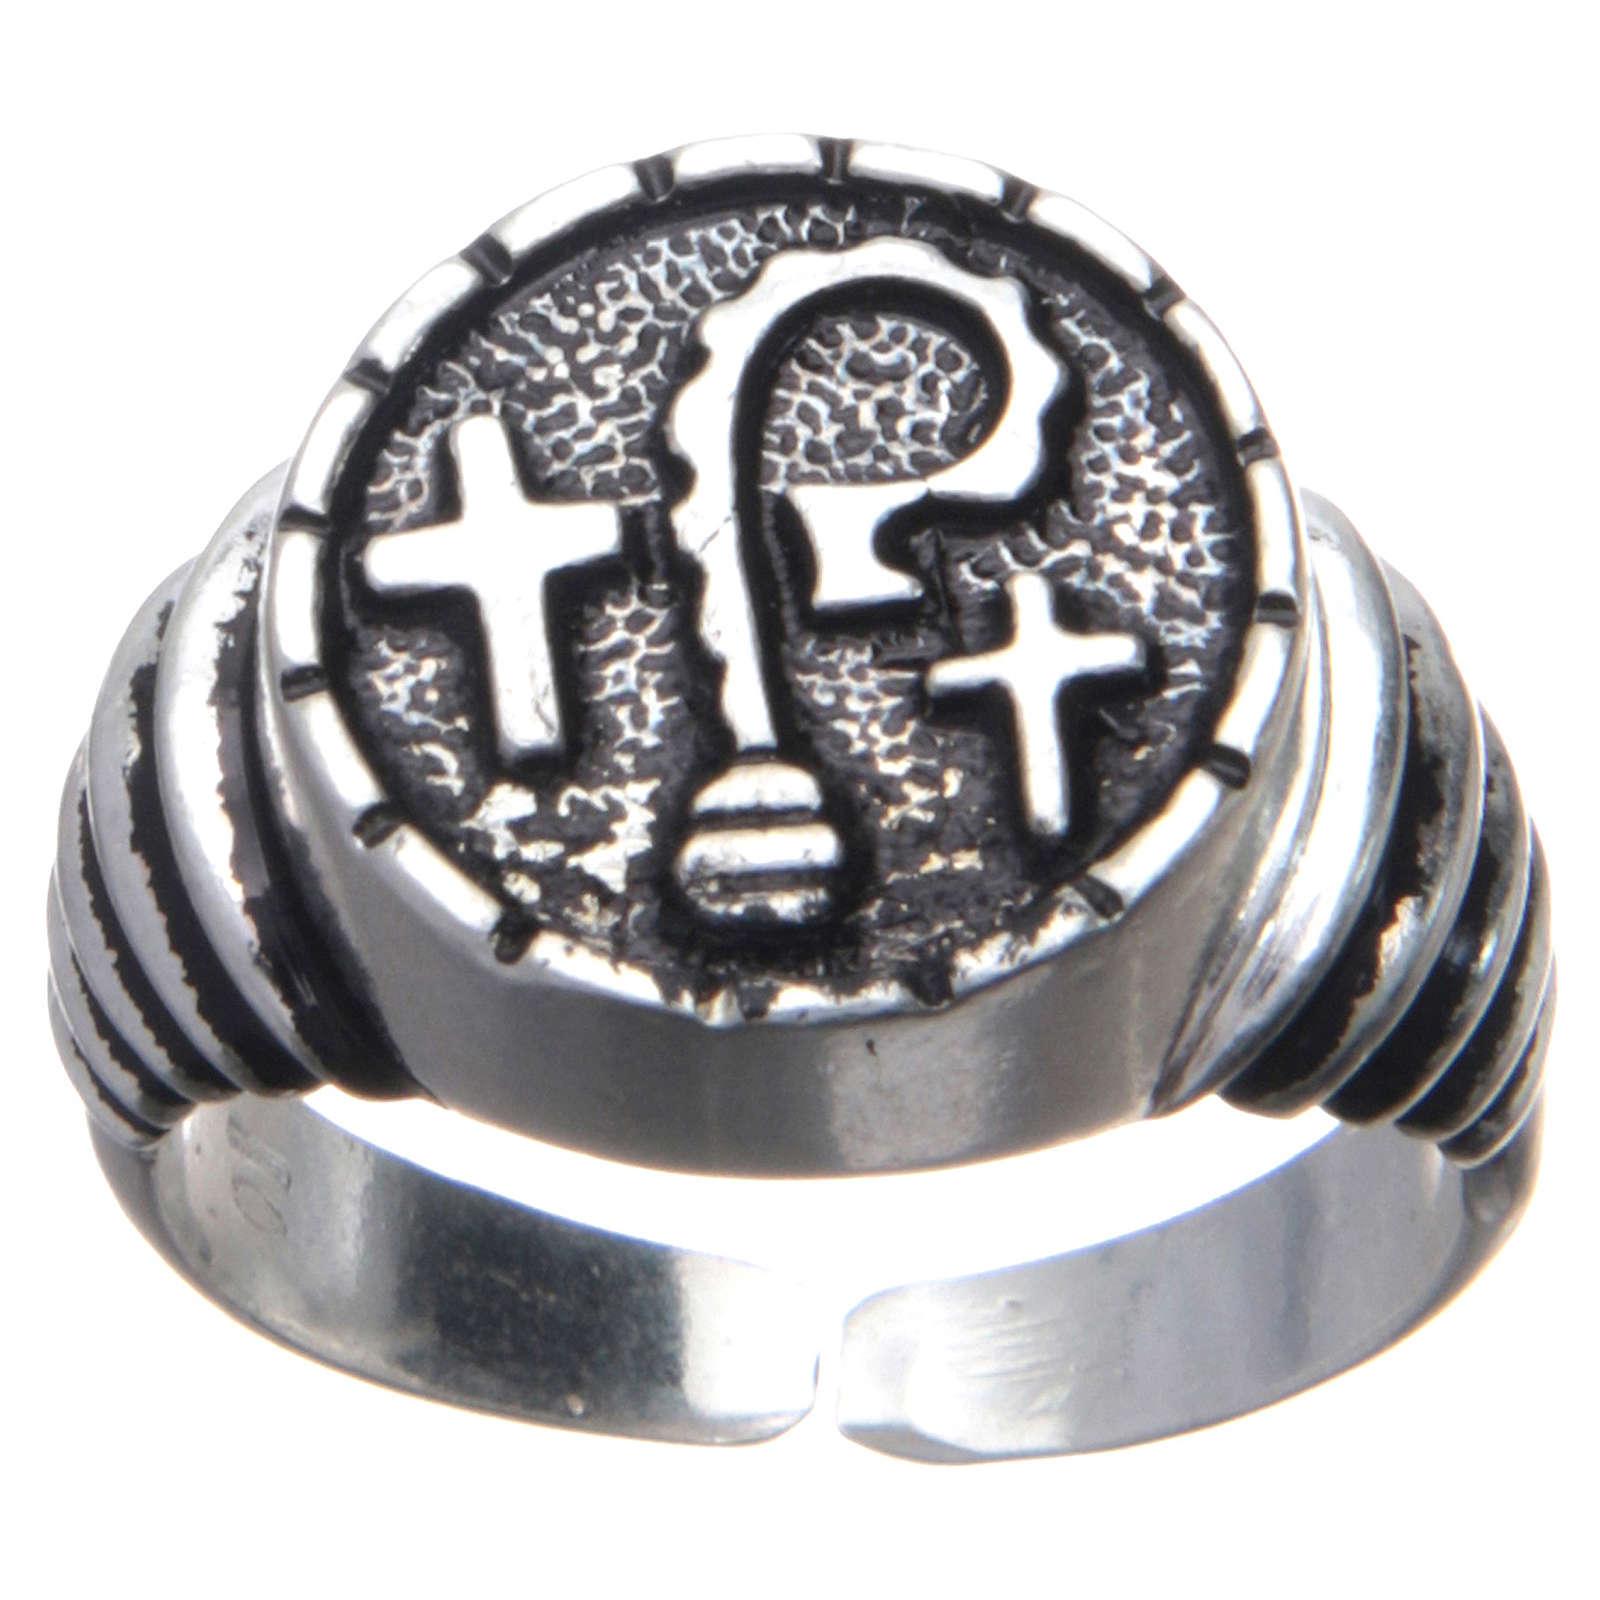 Anillo episcopal de plata 925 pastorales y cruces 3